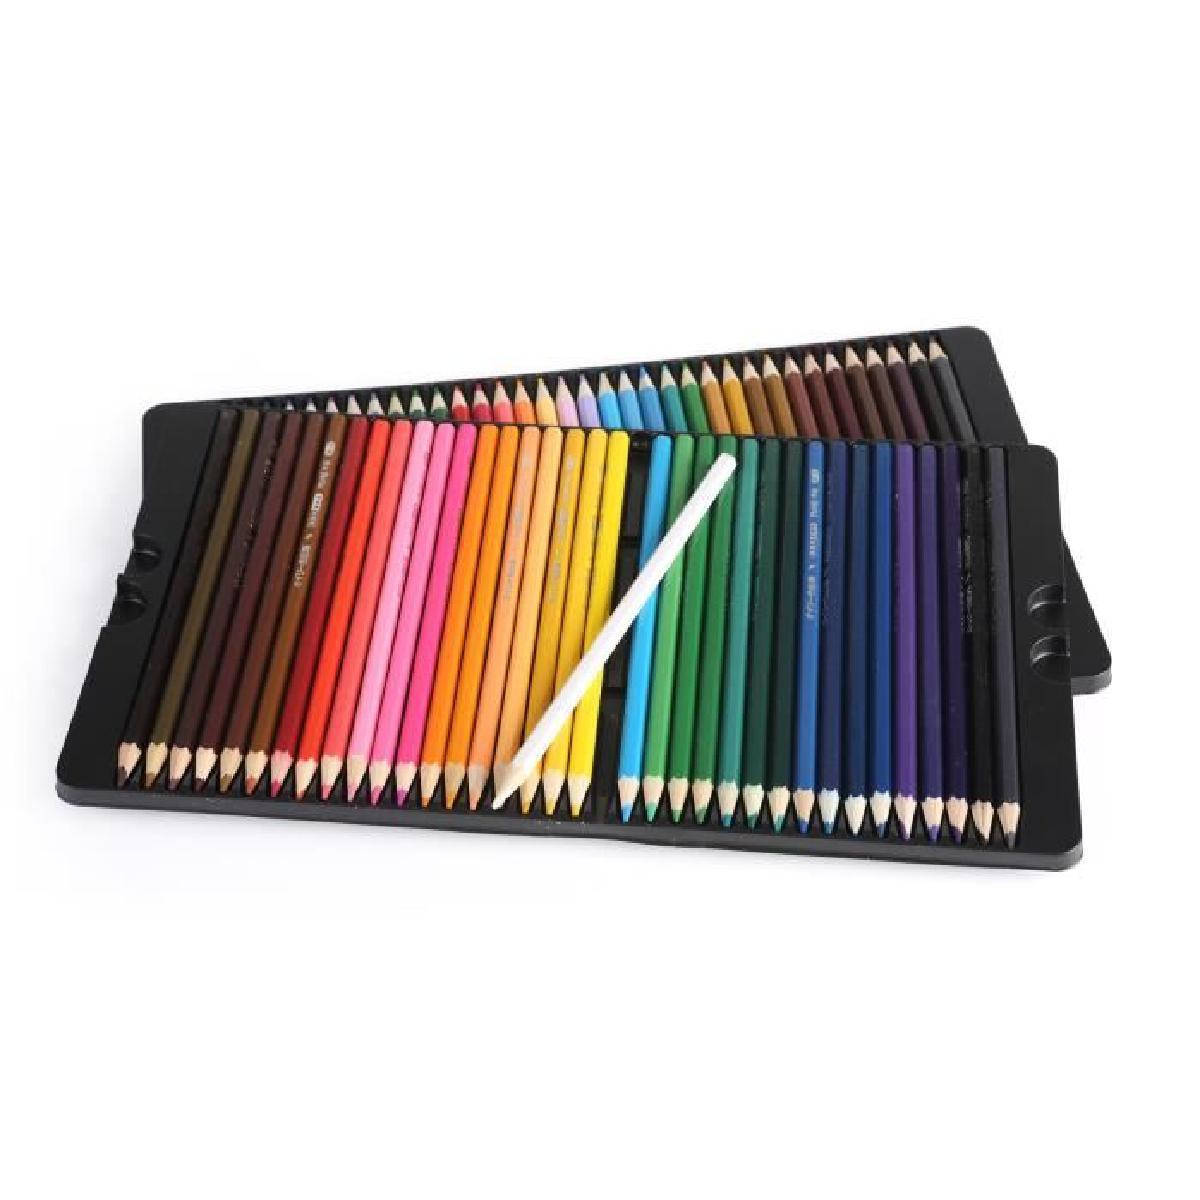 crayon de couleur EOZY Lot de 72pcs Crayon de Soldes *